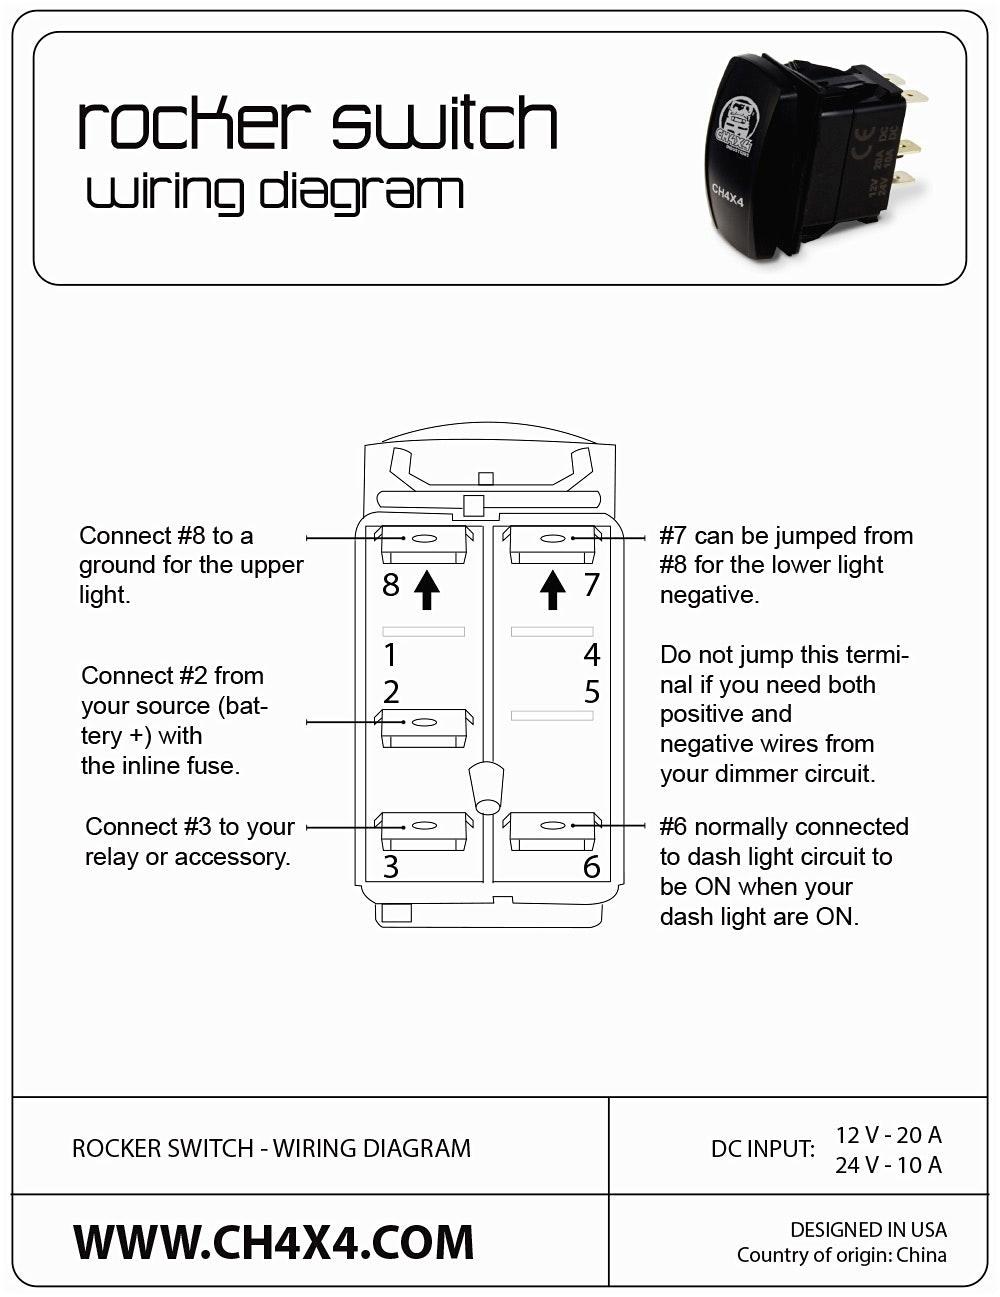 Incredible Narva Rocker Switch Wiring Diagram Basic Electronics Wiring Diagram Wiring Cloud Intelaidewilluminateatxorg